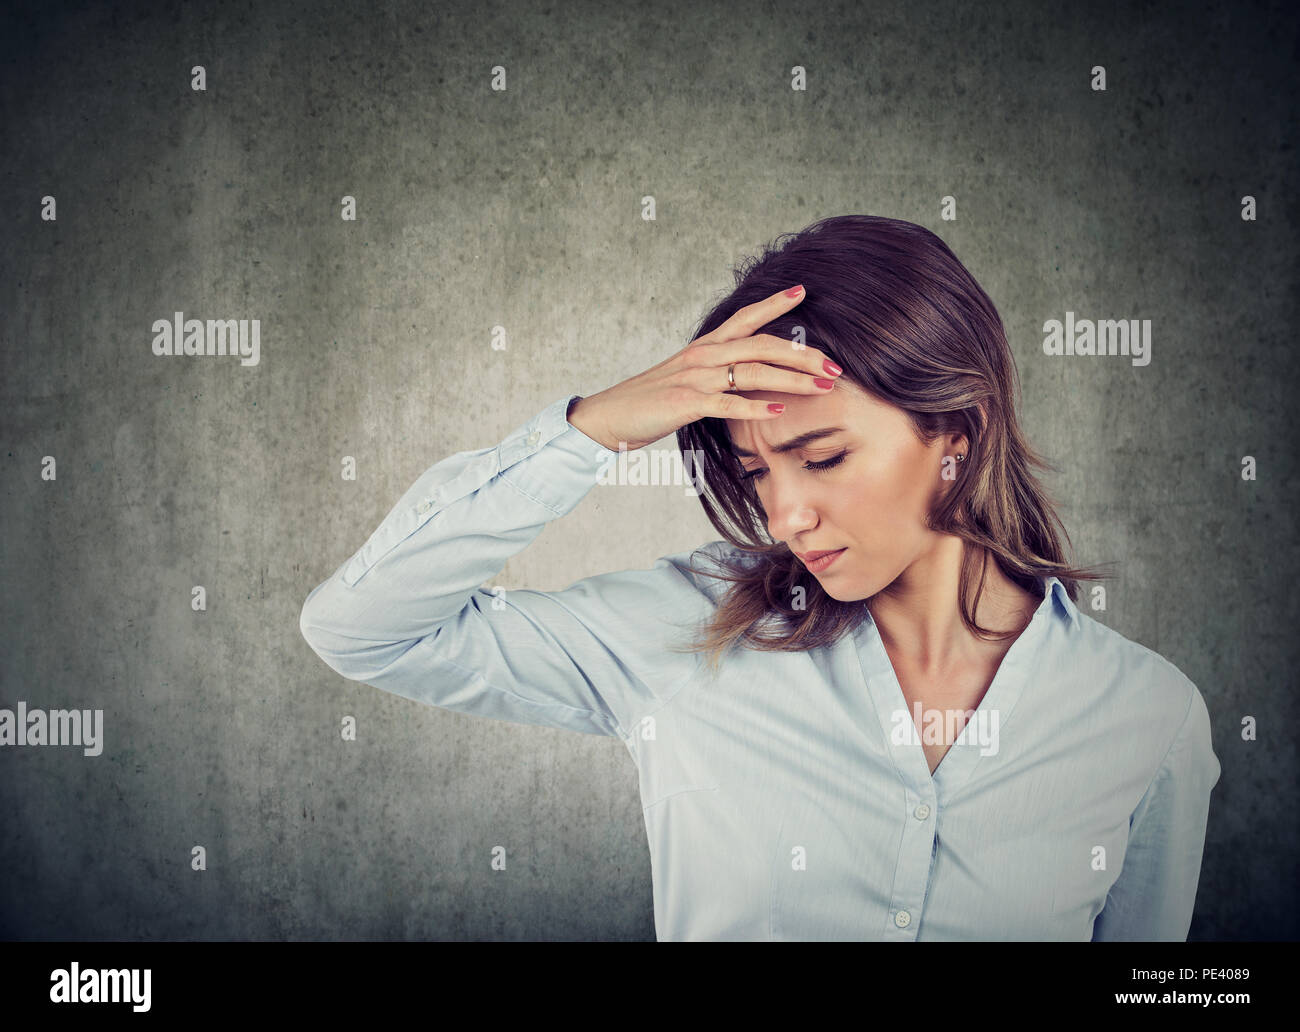 Closeup retrato de una bella mujer joven triste con preocupados destacó expresión de cara mirando hacia abajo Imagen De Stock